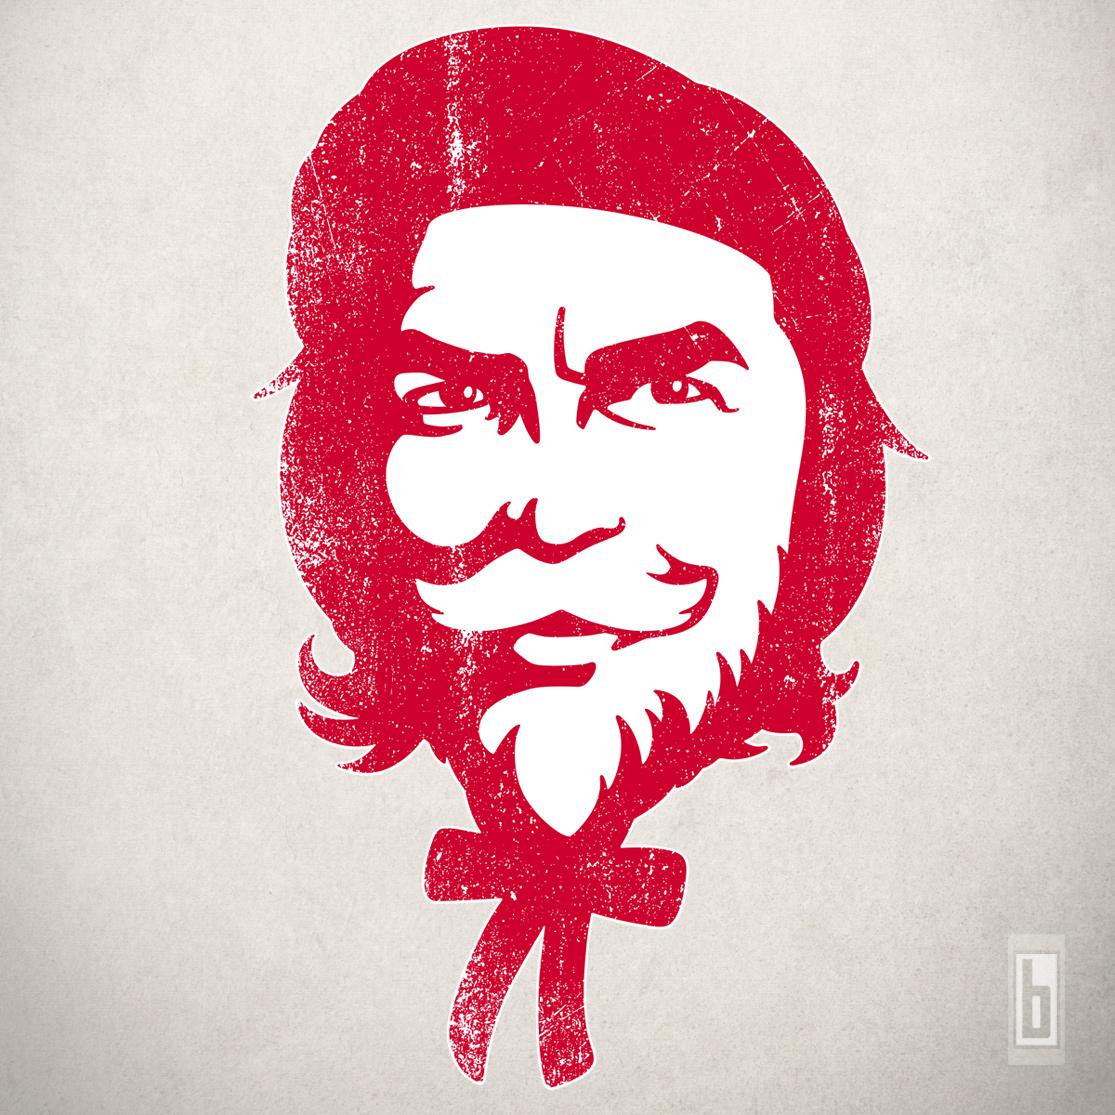 KFChe Retro Design in Red